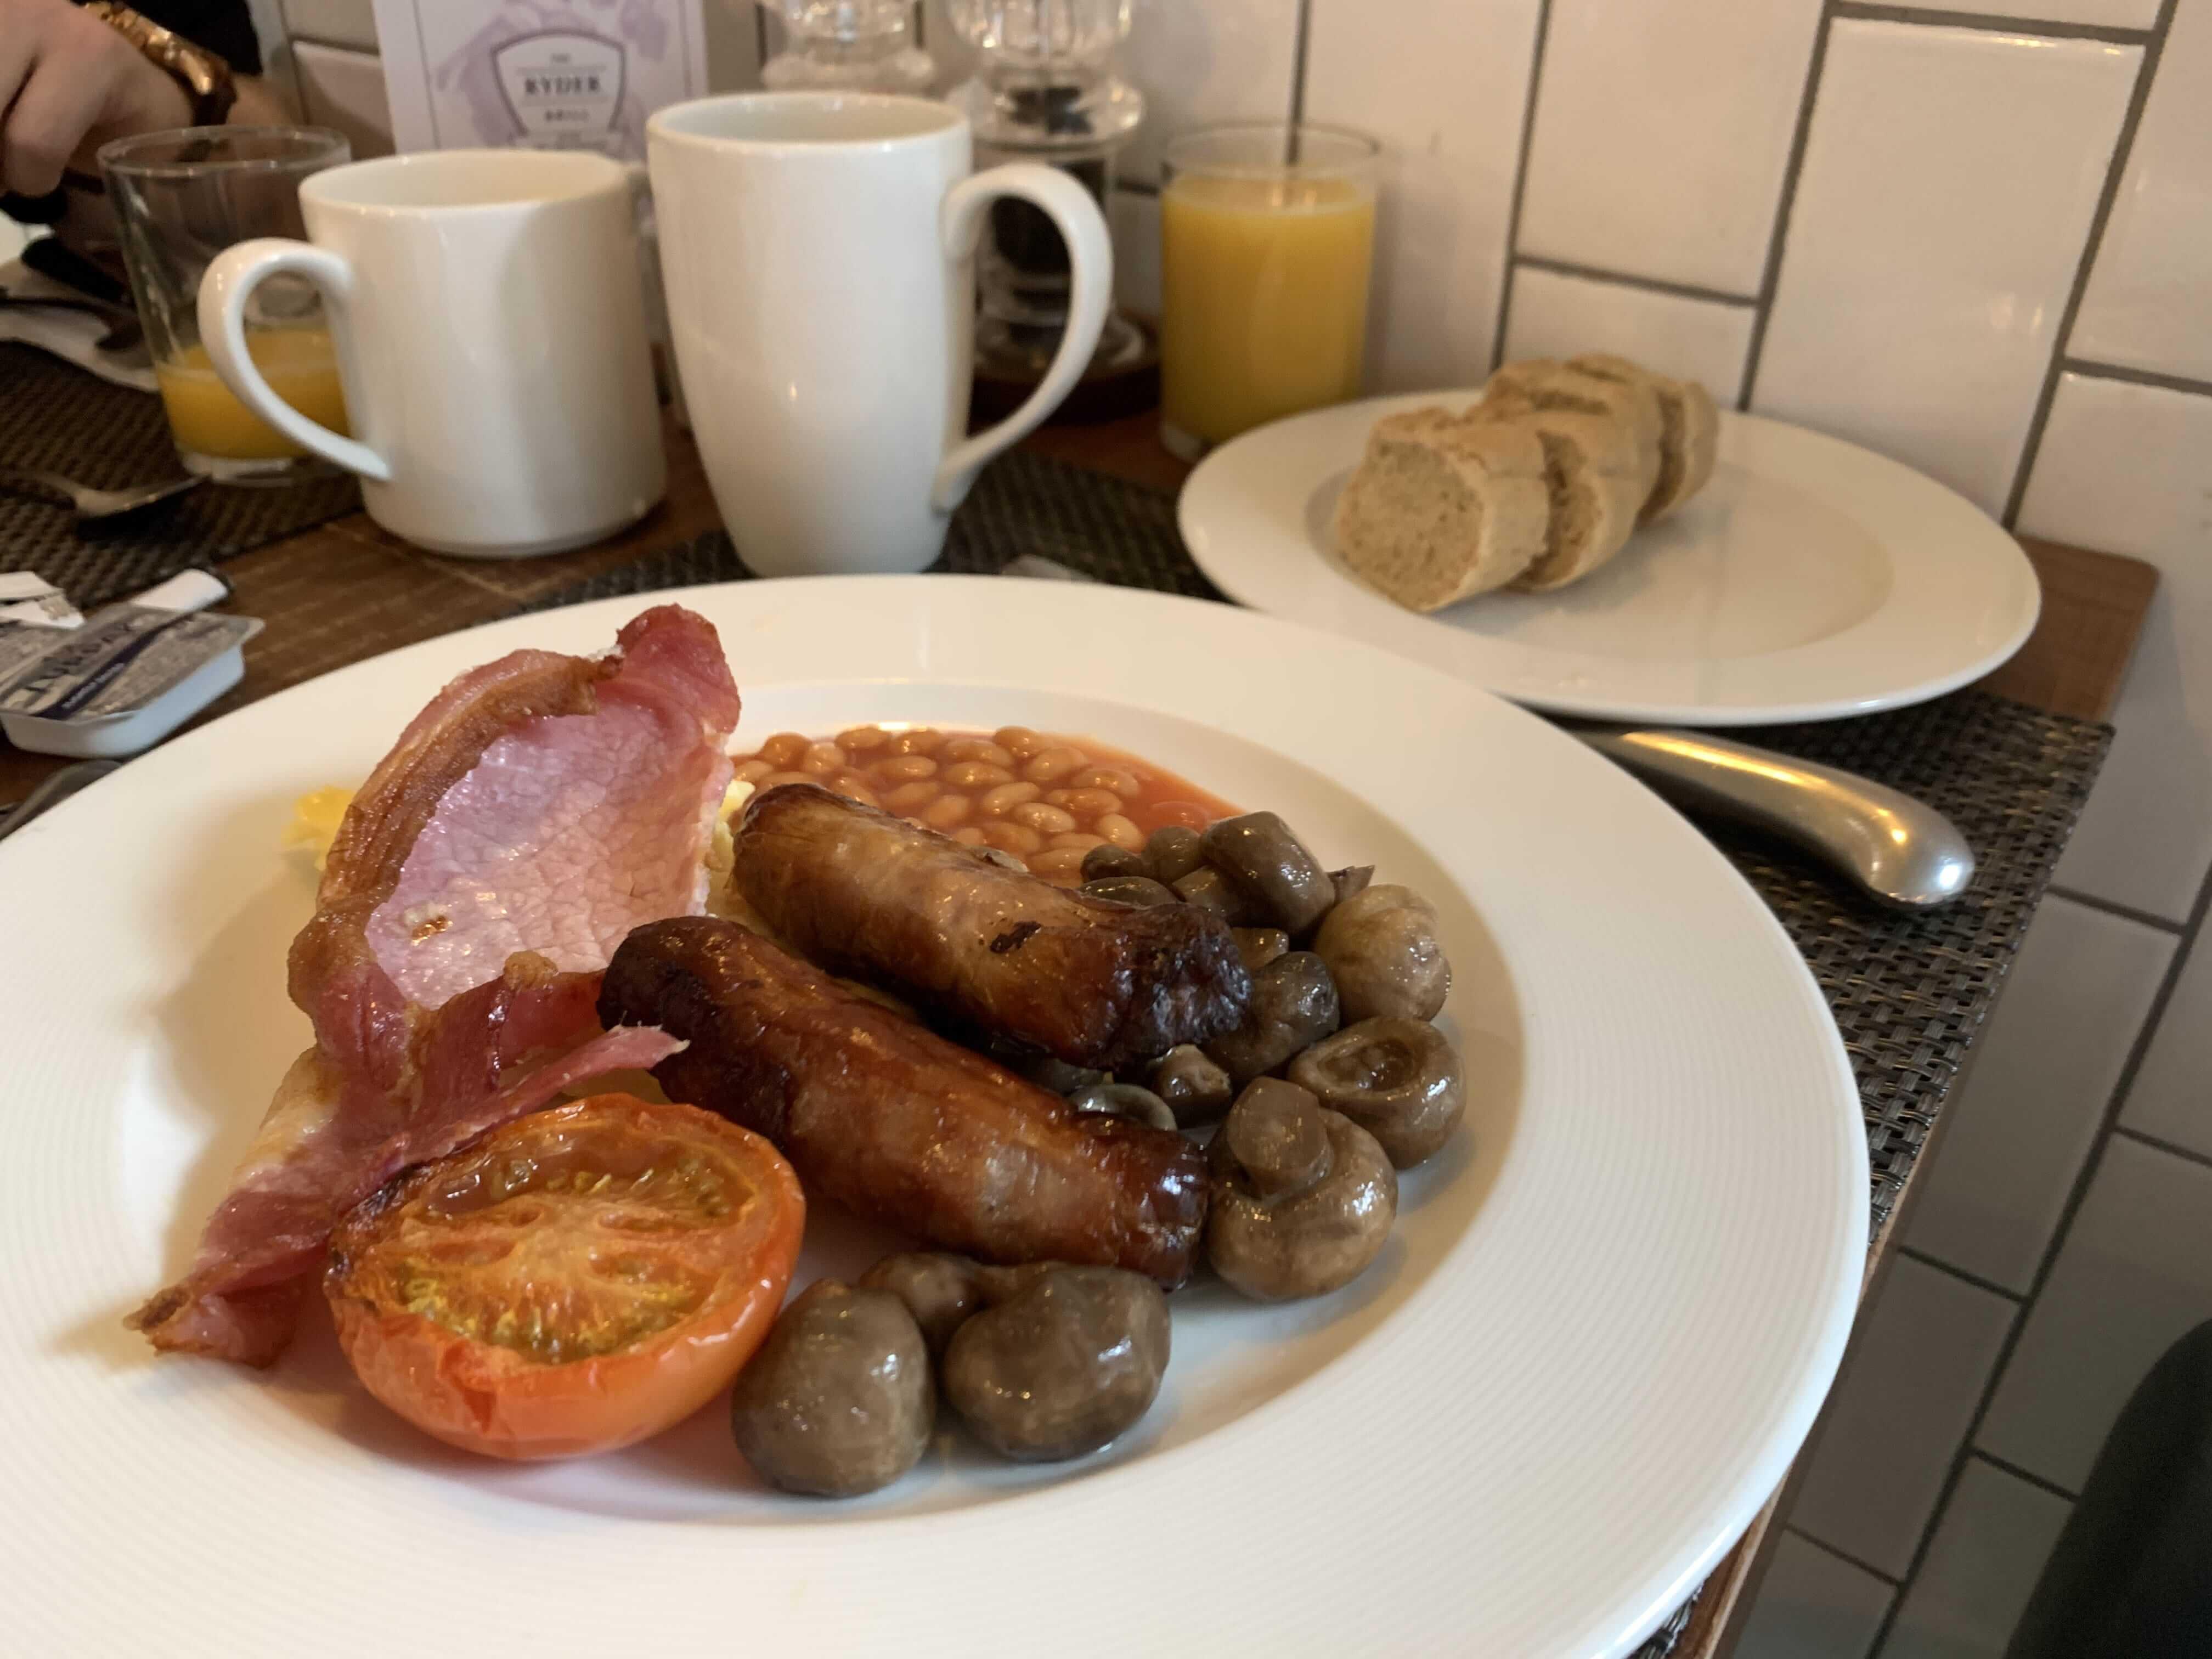 The Belfry breakfast